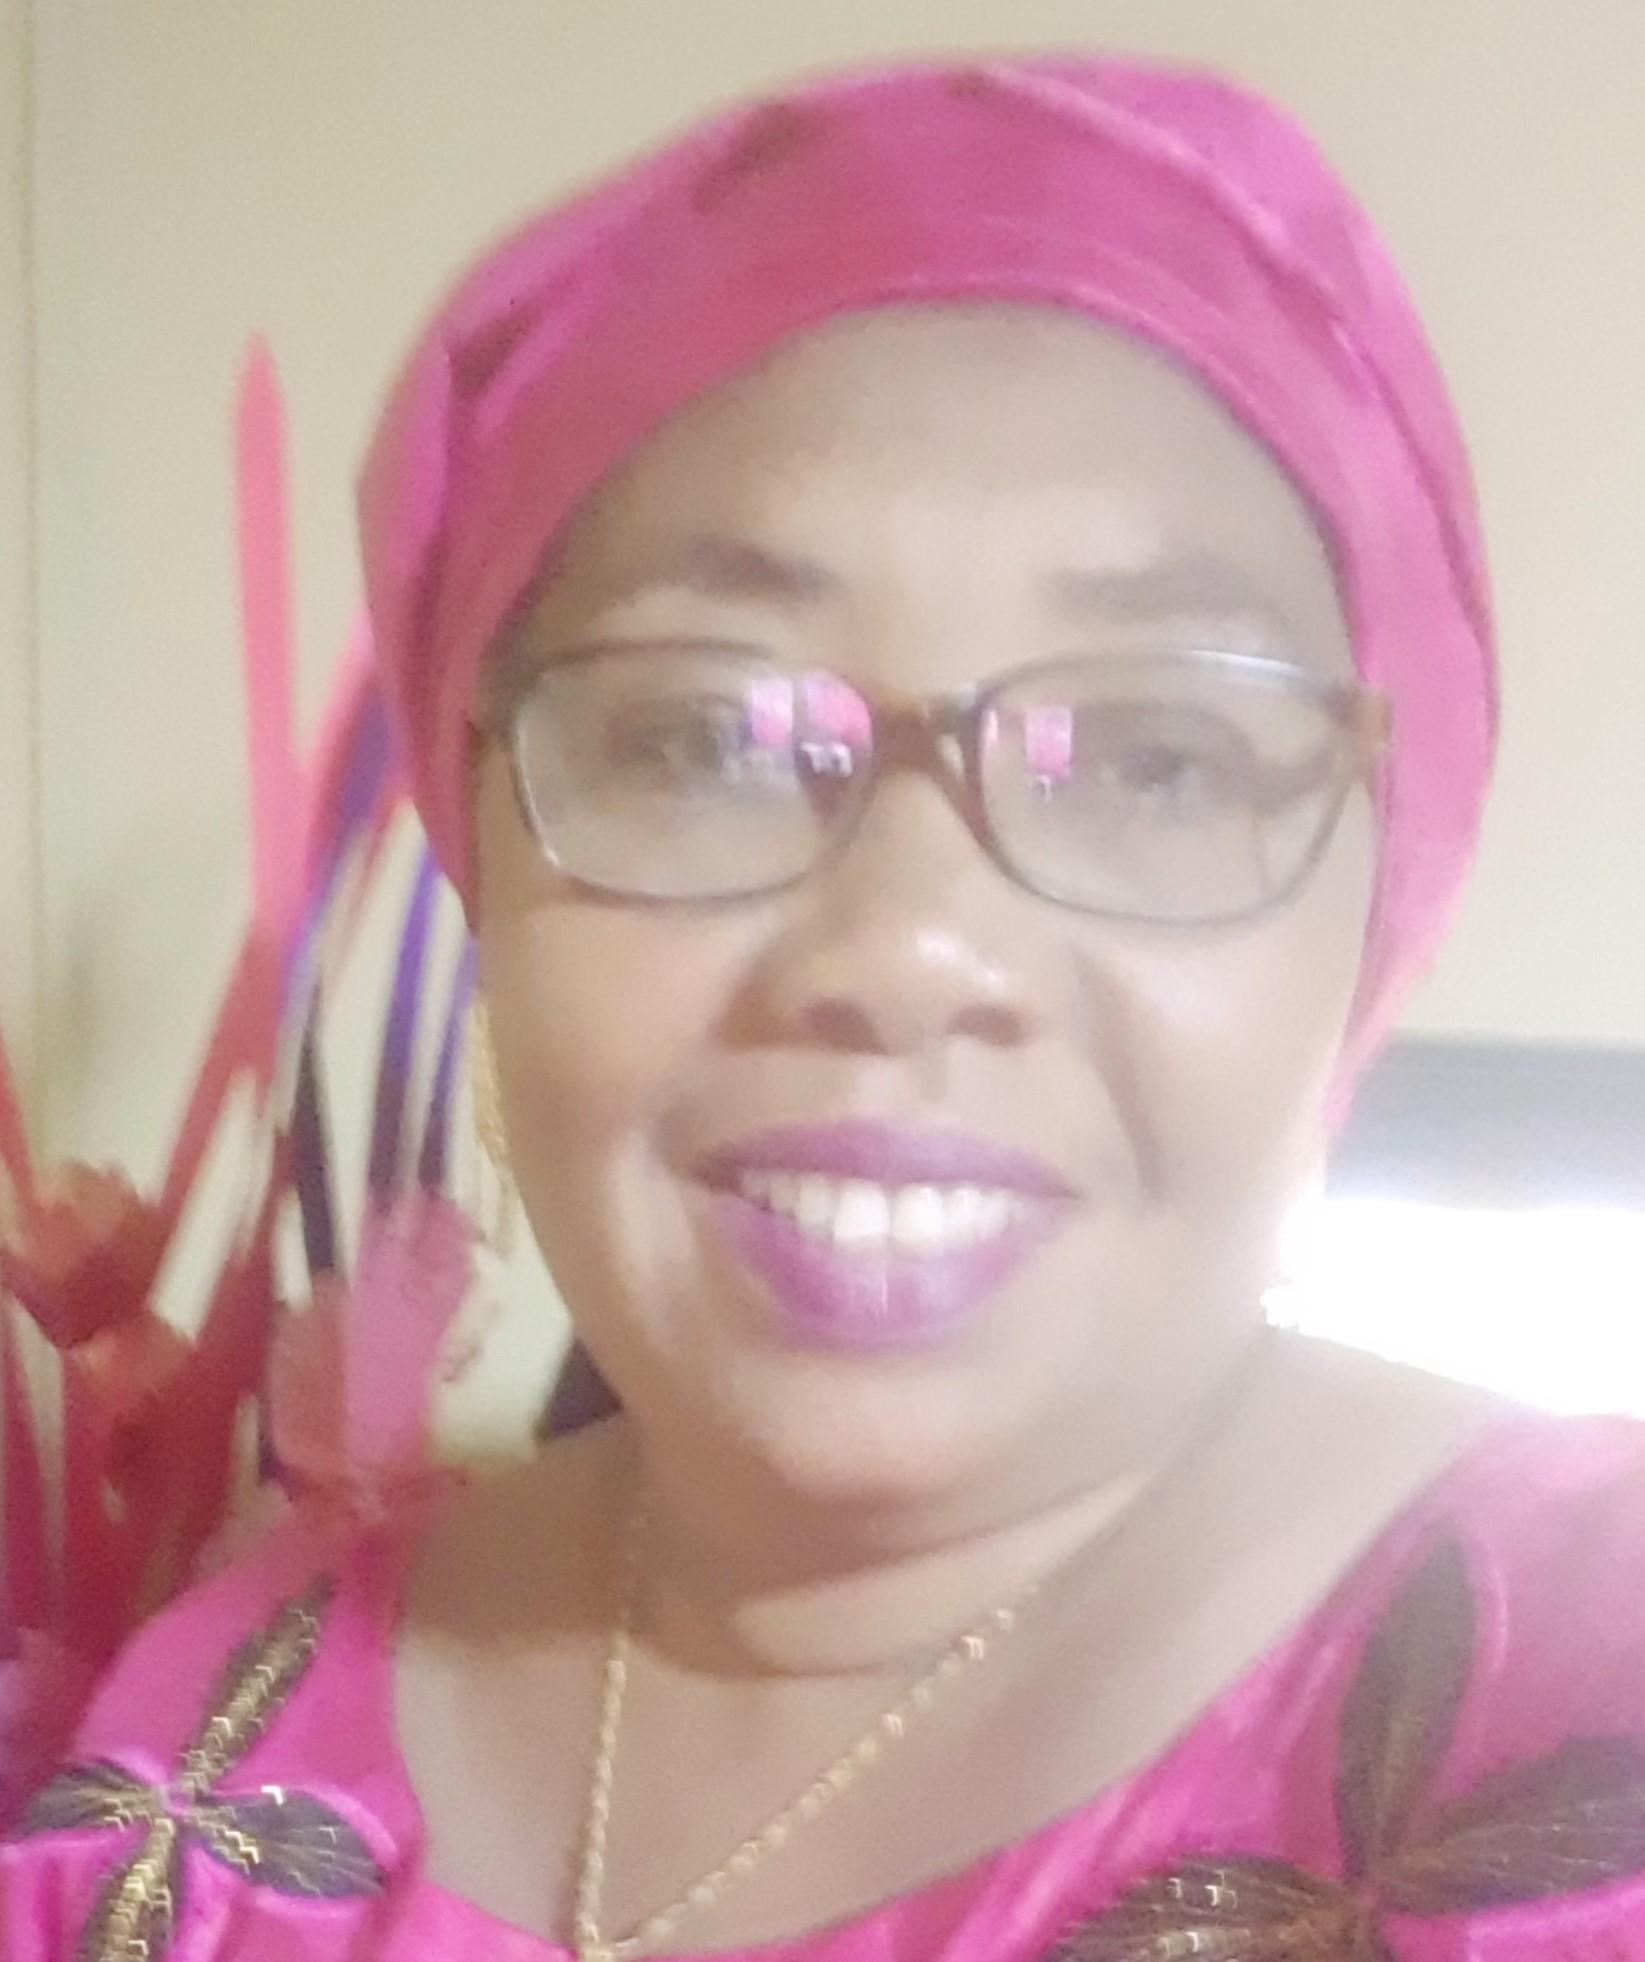 Anna Mbenga-Cham